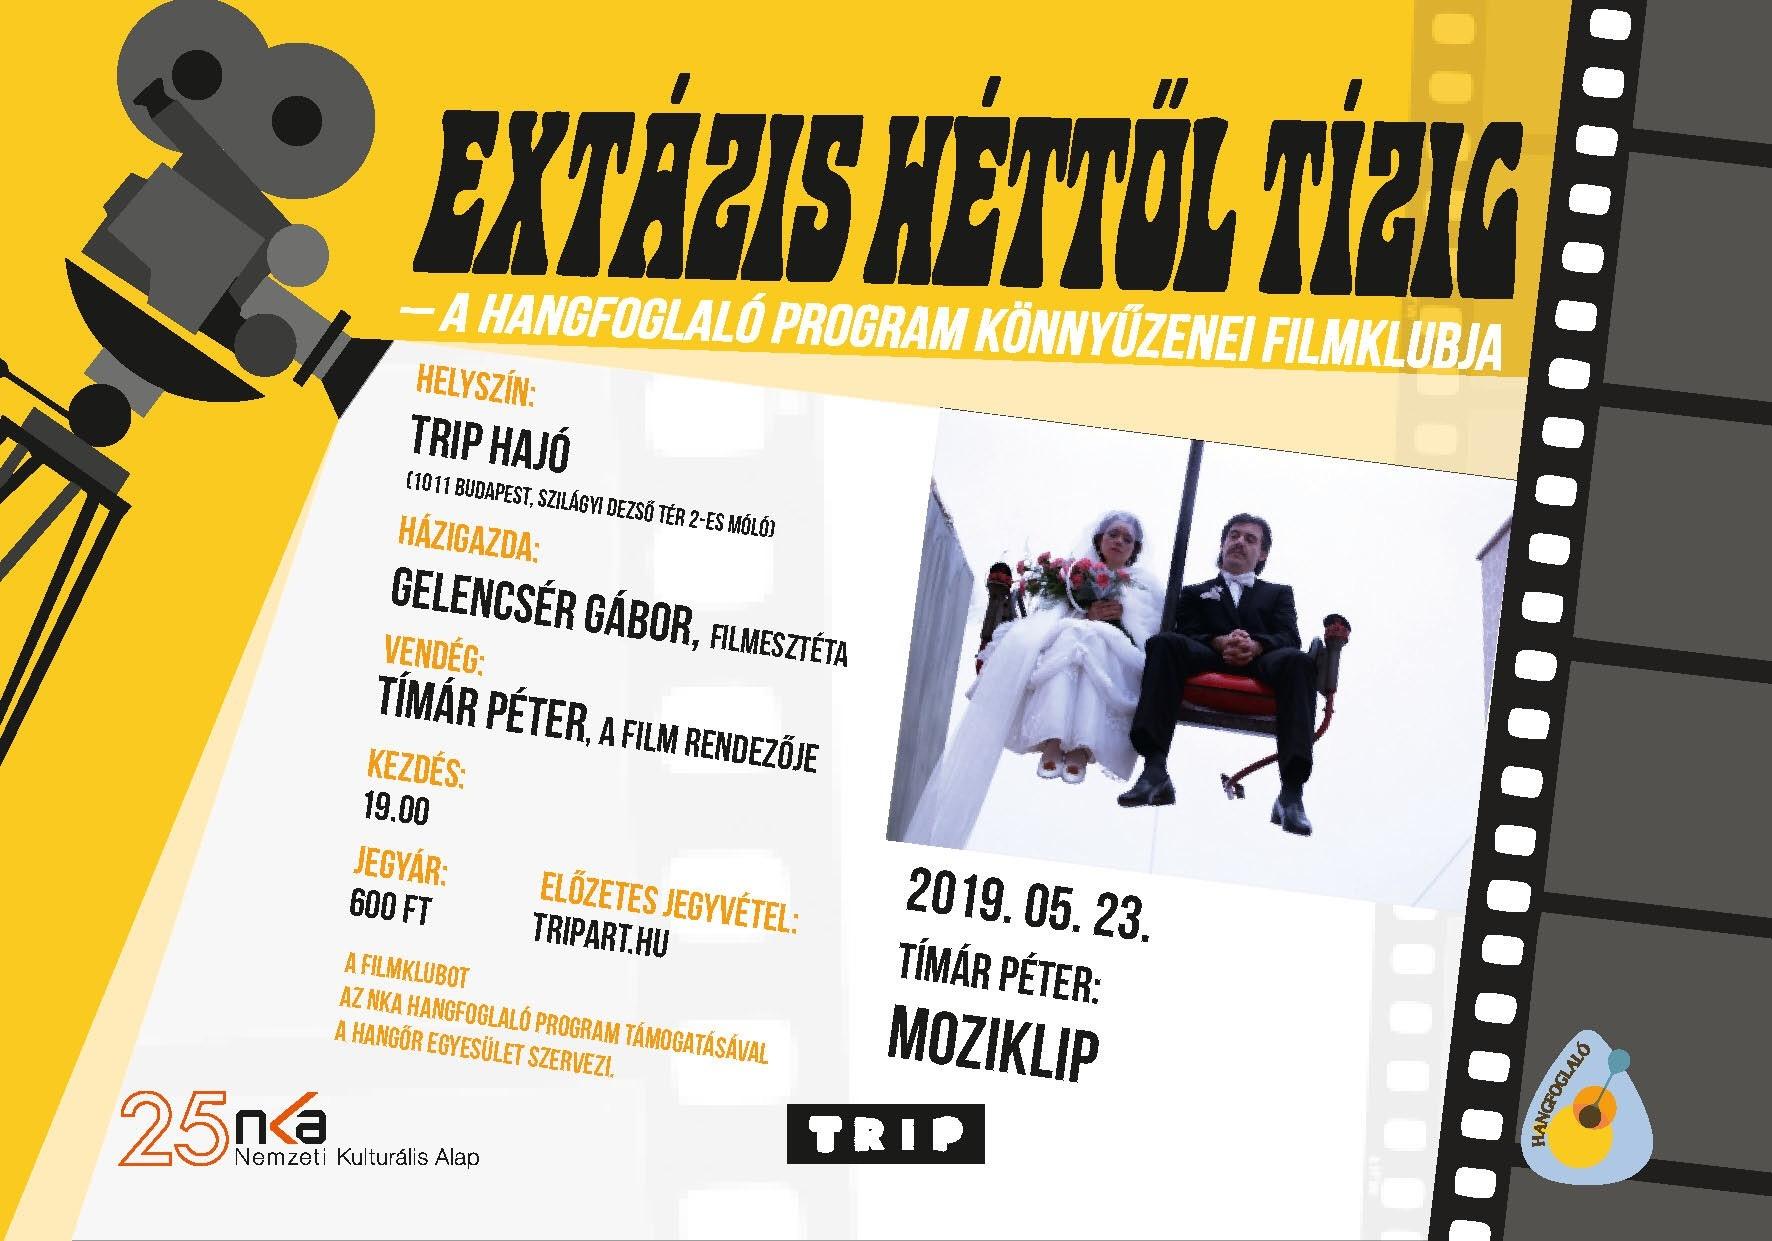 Extázis héttől tízig – a Hangfoglaló Program könnyűzenei filmklubja